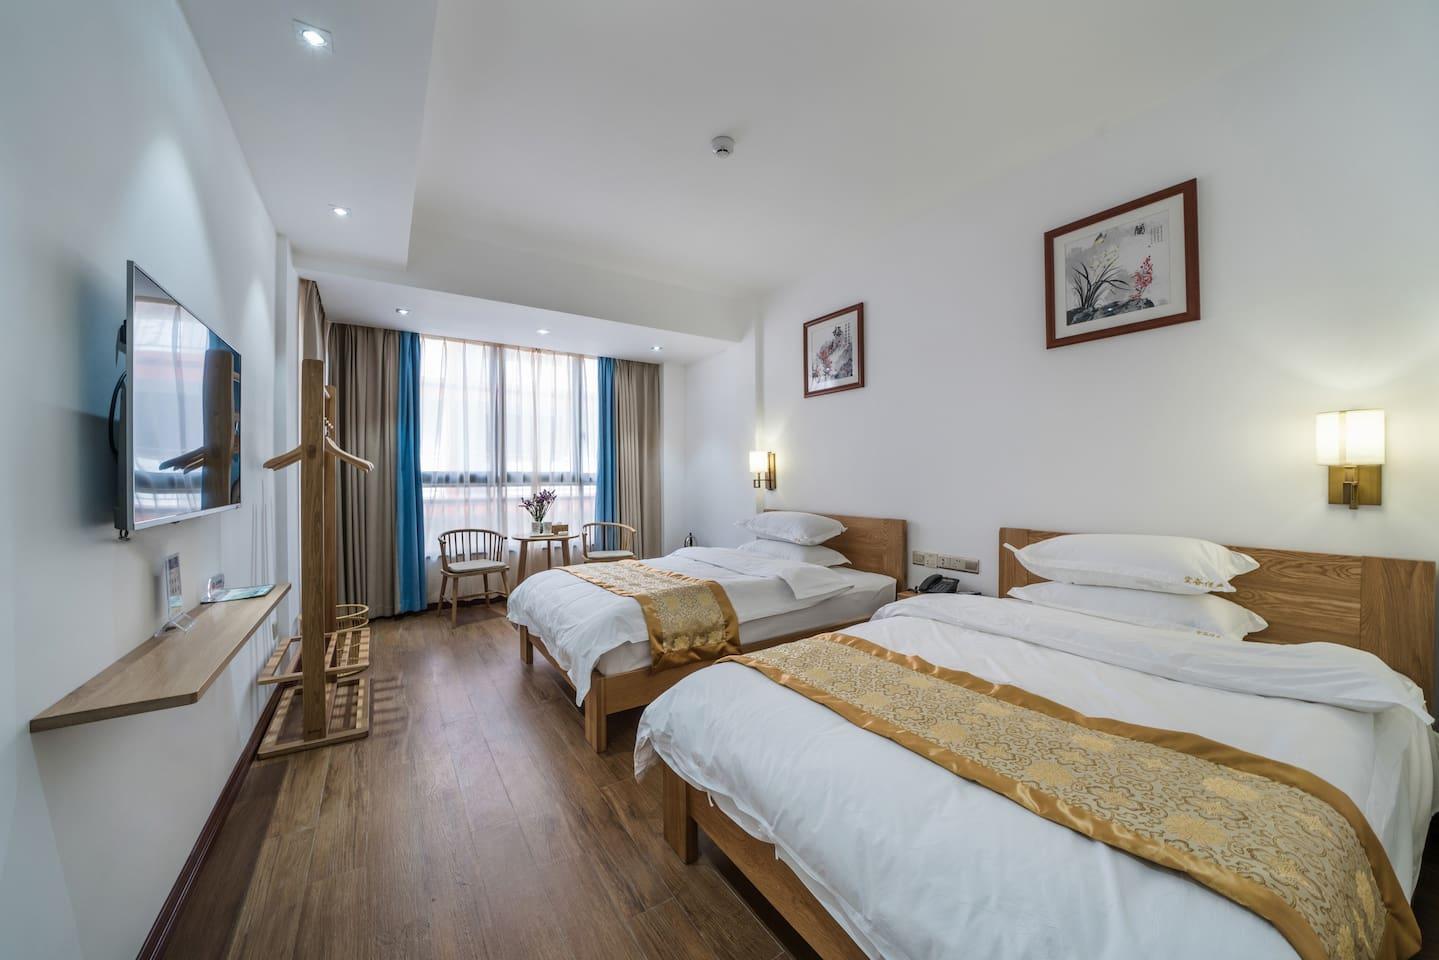 家具全都是白橡实木,两张1.35米的白橡实木床,比很多酒店1.2米的床多出了15厘米。床垫重达100多斤,厚实舒适。配有40寸的网络电视,50M的独立WIFI,茶壶、电吹风,迷你冰箱等小家电,